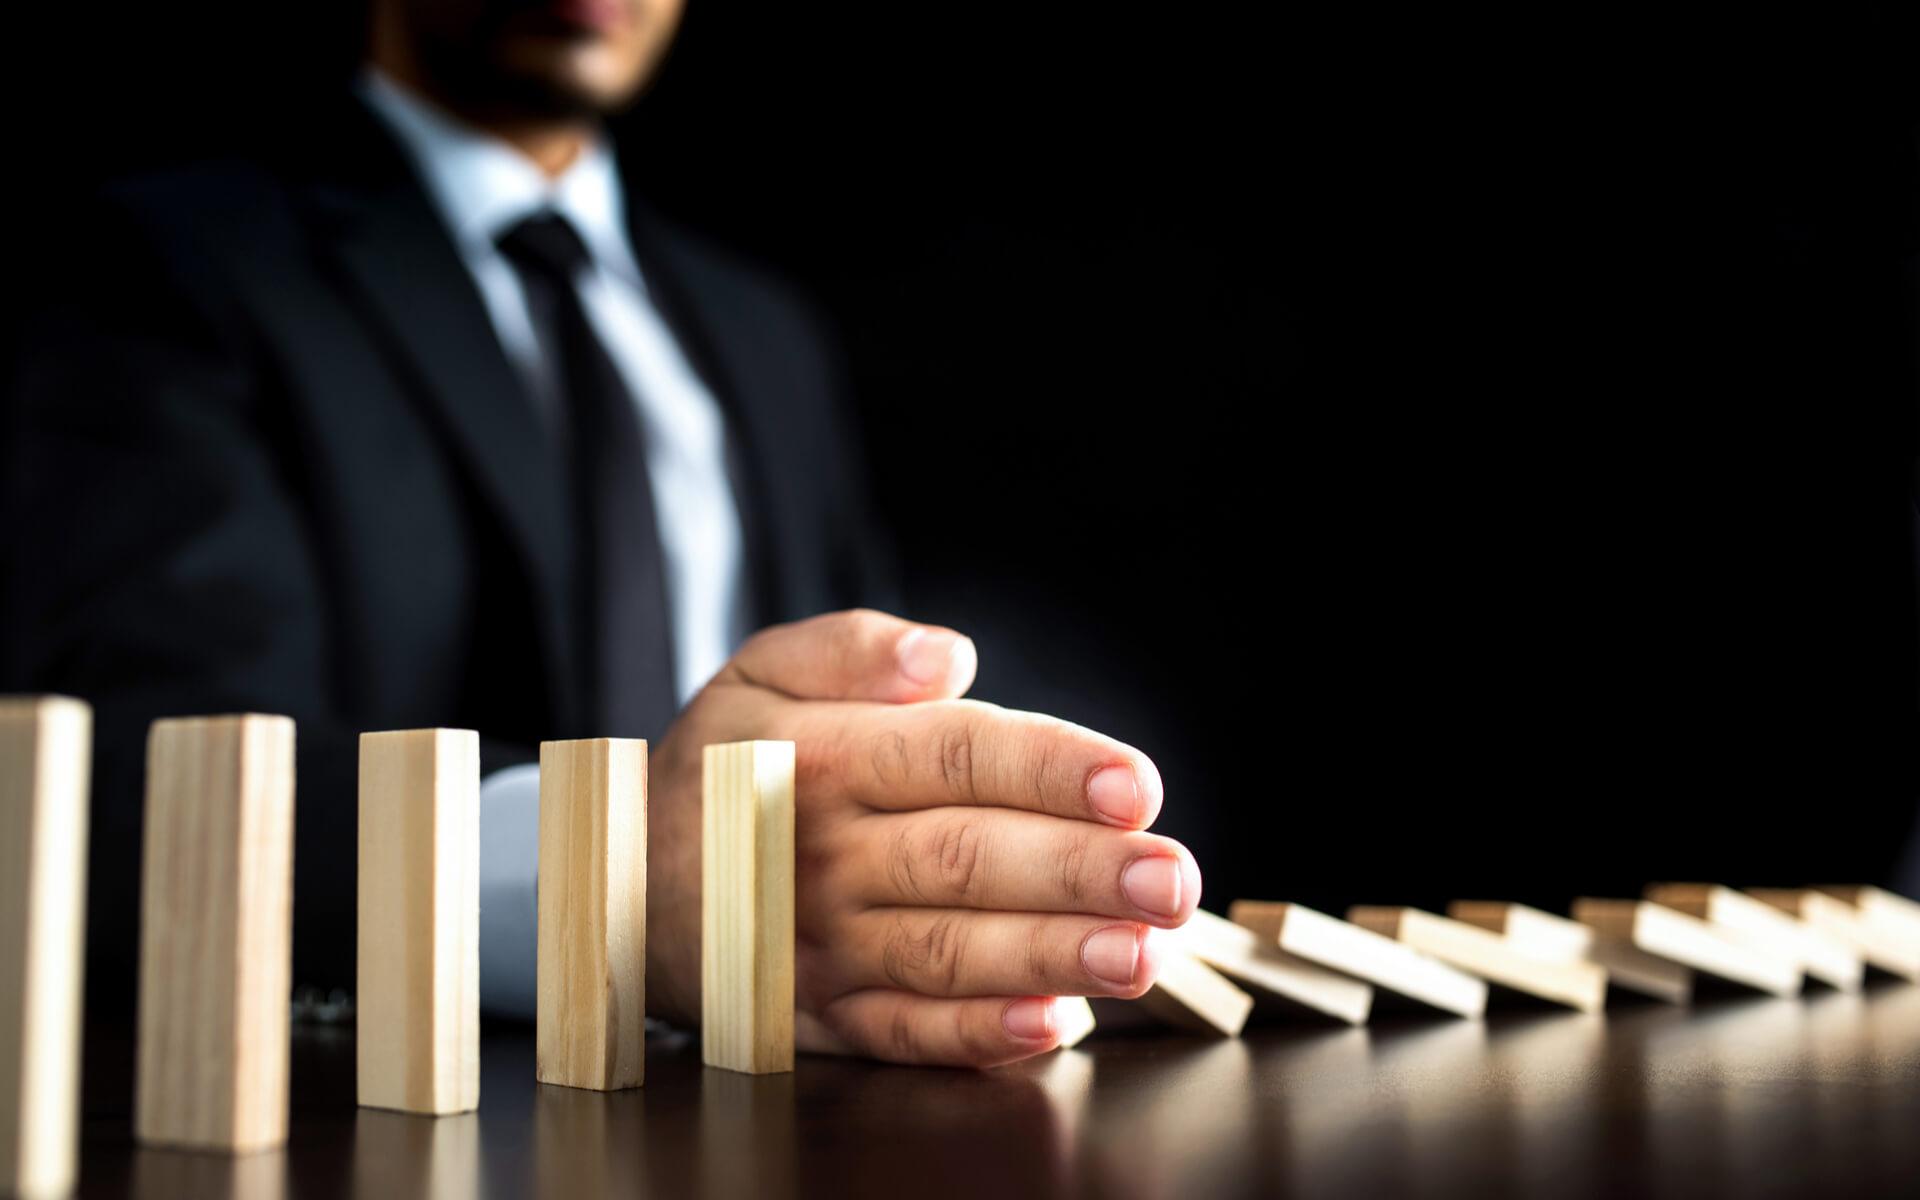 Cos'è il Business continuity management, e perché è importante